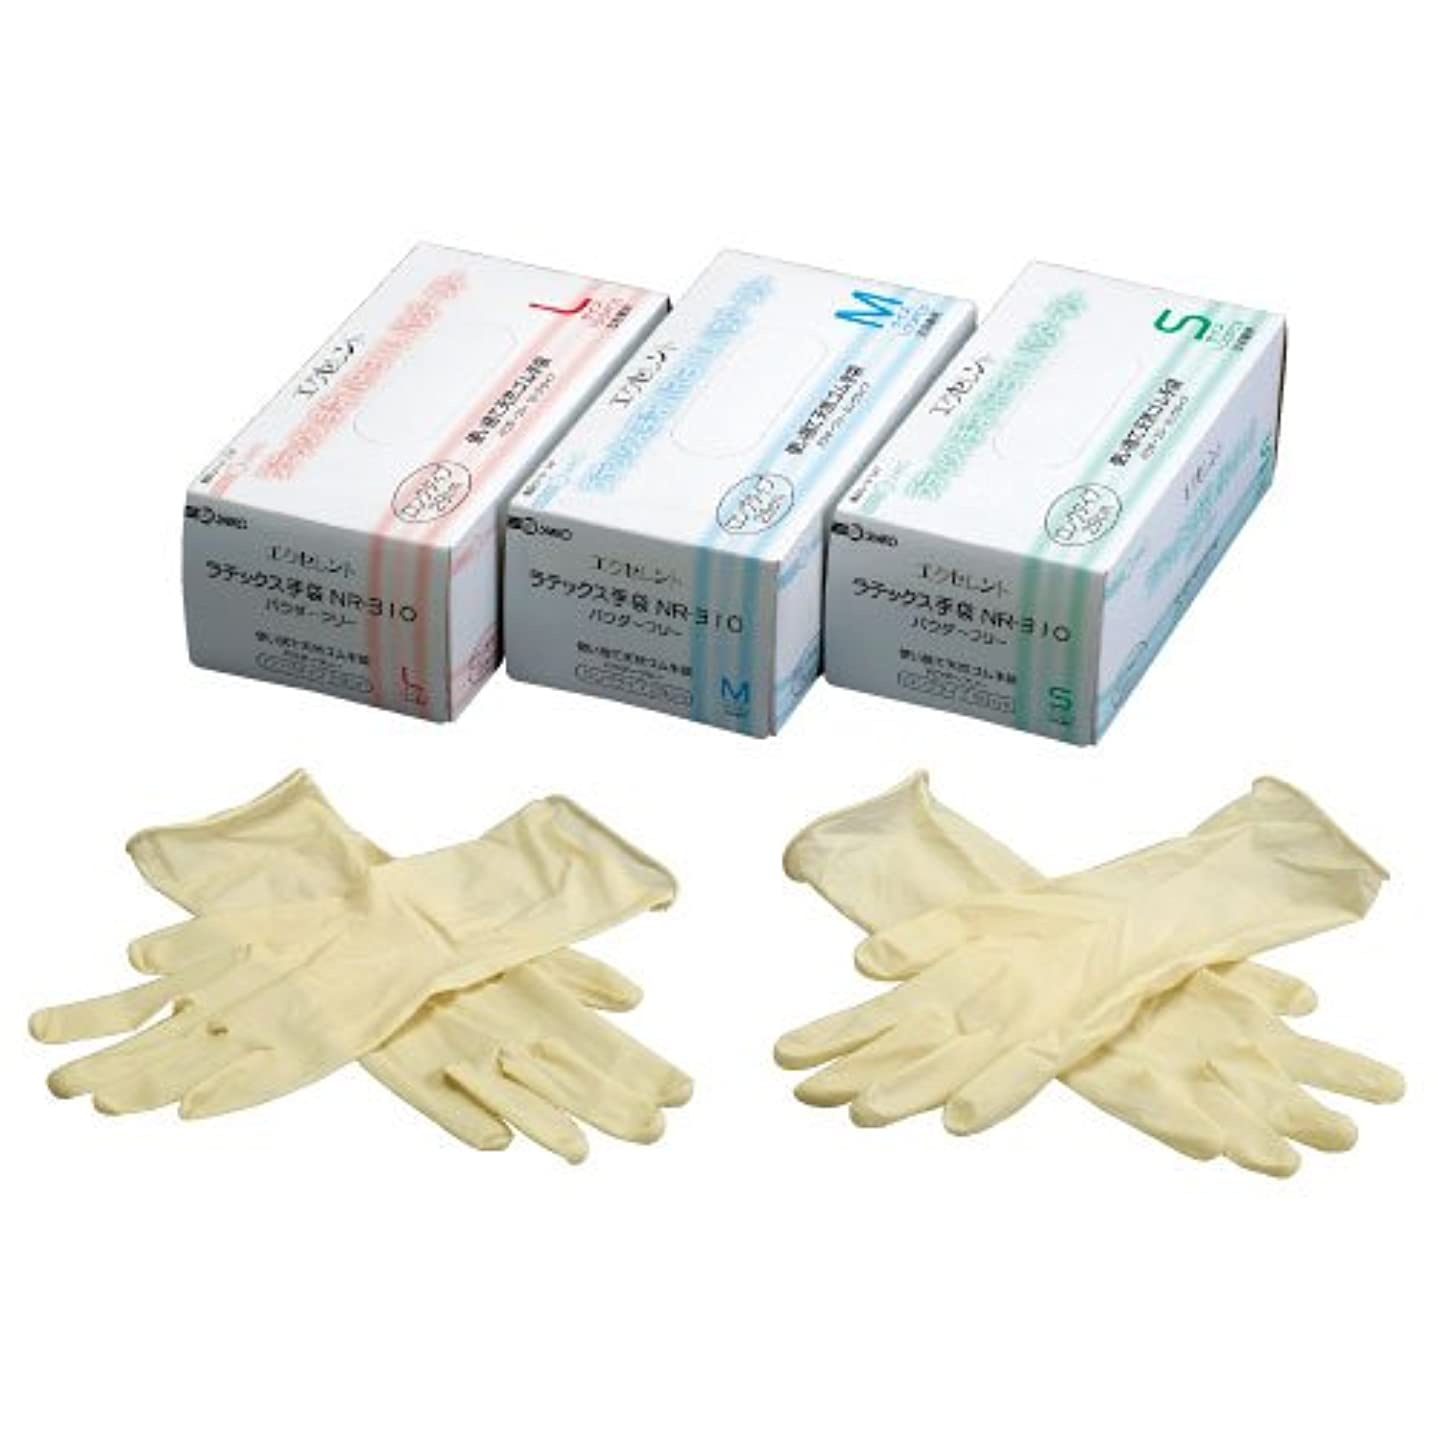 間違いなくであること同級生エクセレントラテックス手袋PFロング ????????????????(23-3140-00)NR-310(100????)L L